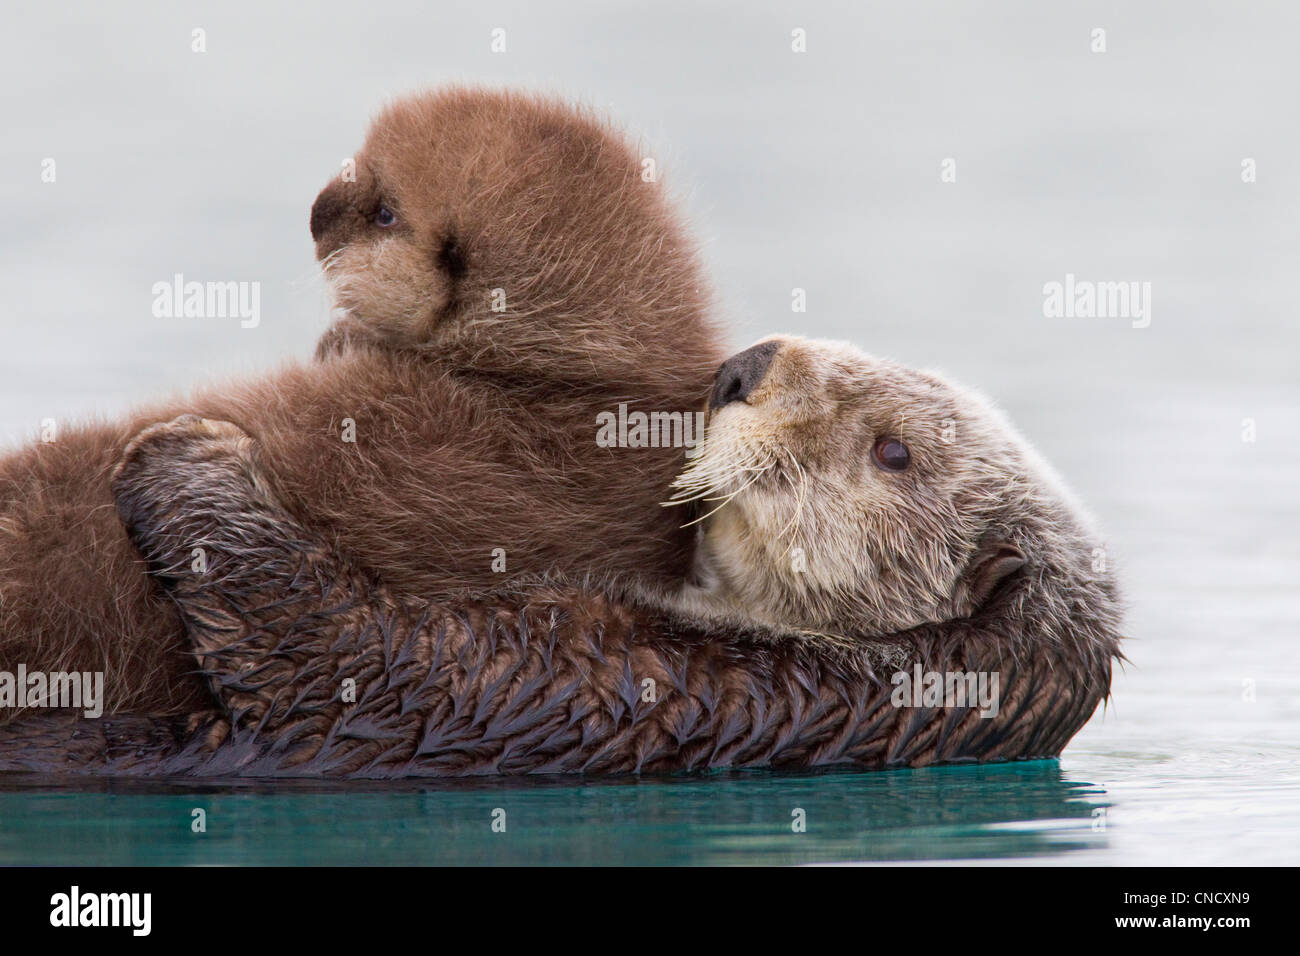 Weiblich-Sea Otter Holding neugeborenen Welpen aus Wasser, Prinz-William-Sund, Yunan Alaska, Winter Stockbild